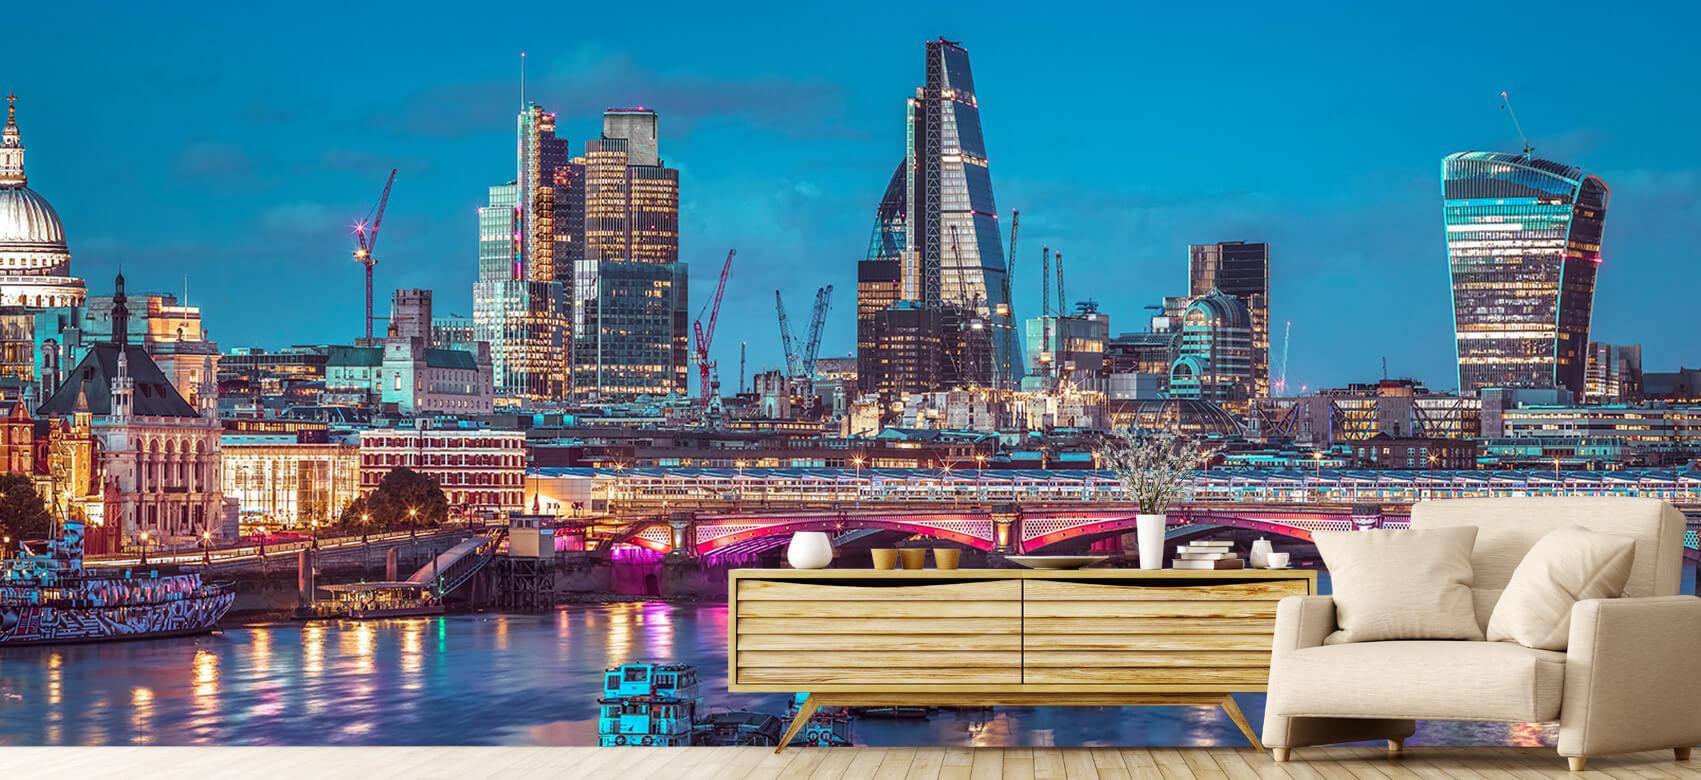 Le pont de Blackfriars à Londres 4